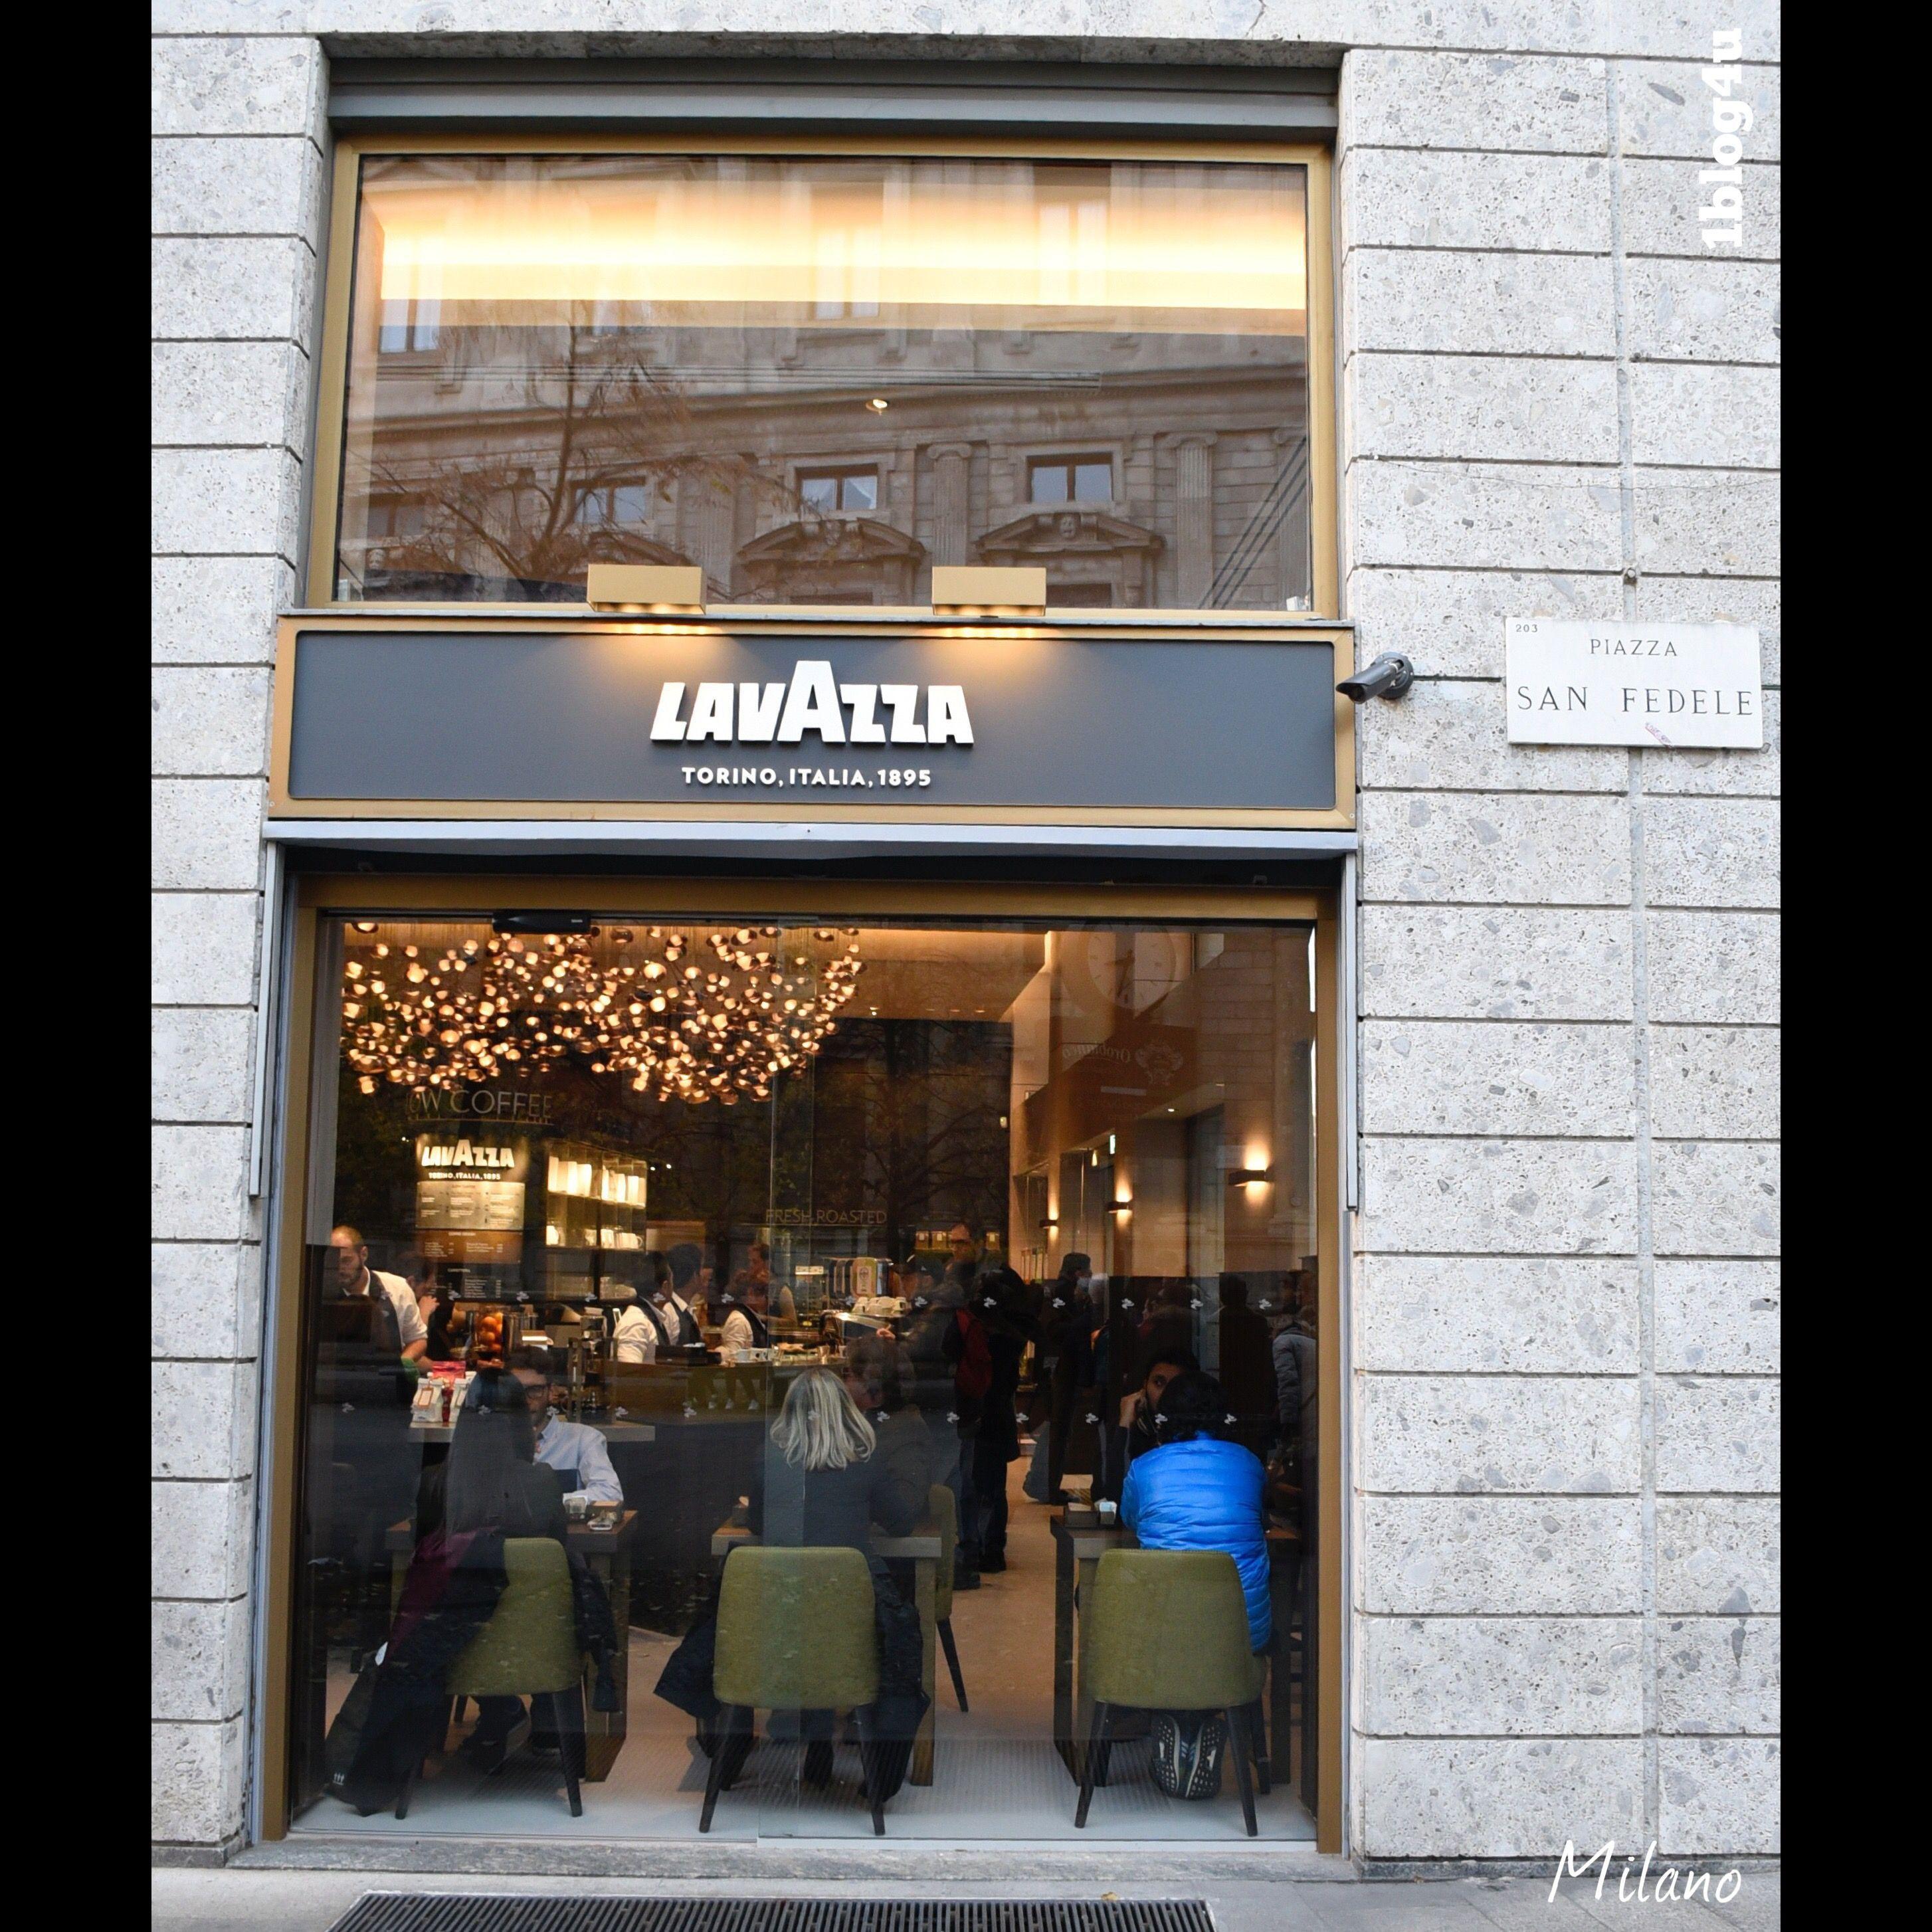 Lavazza Flagship Store In Milan Lavazza Milan Italia